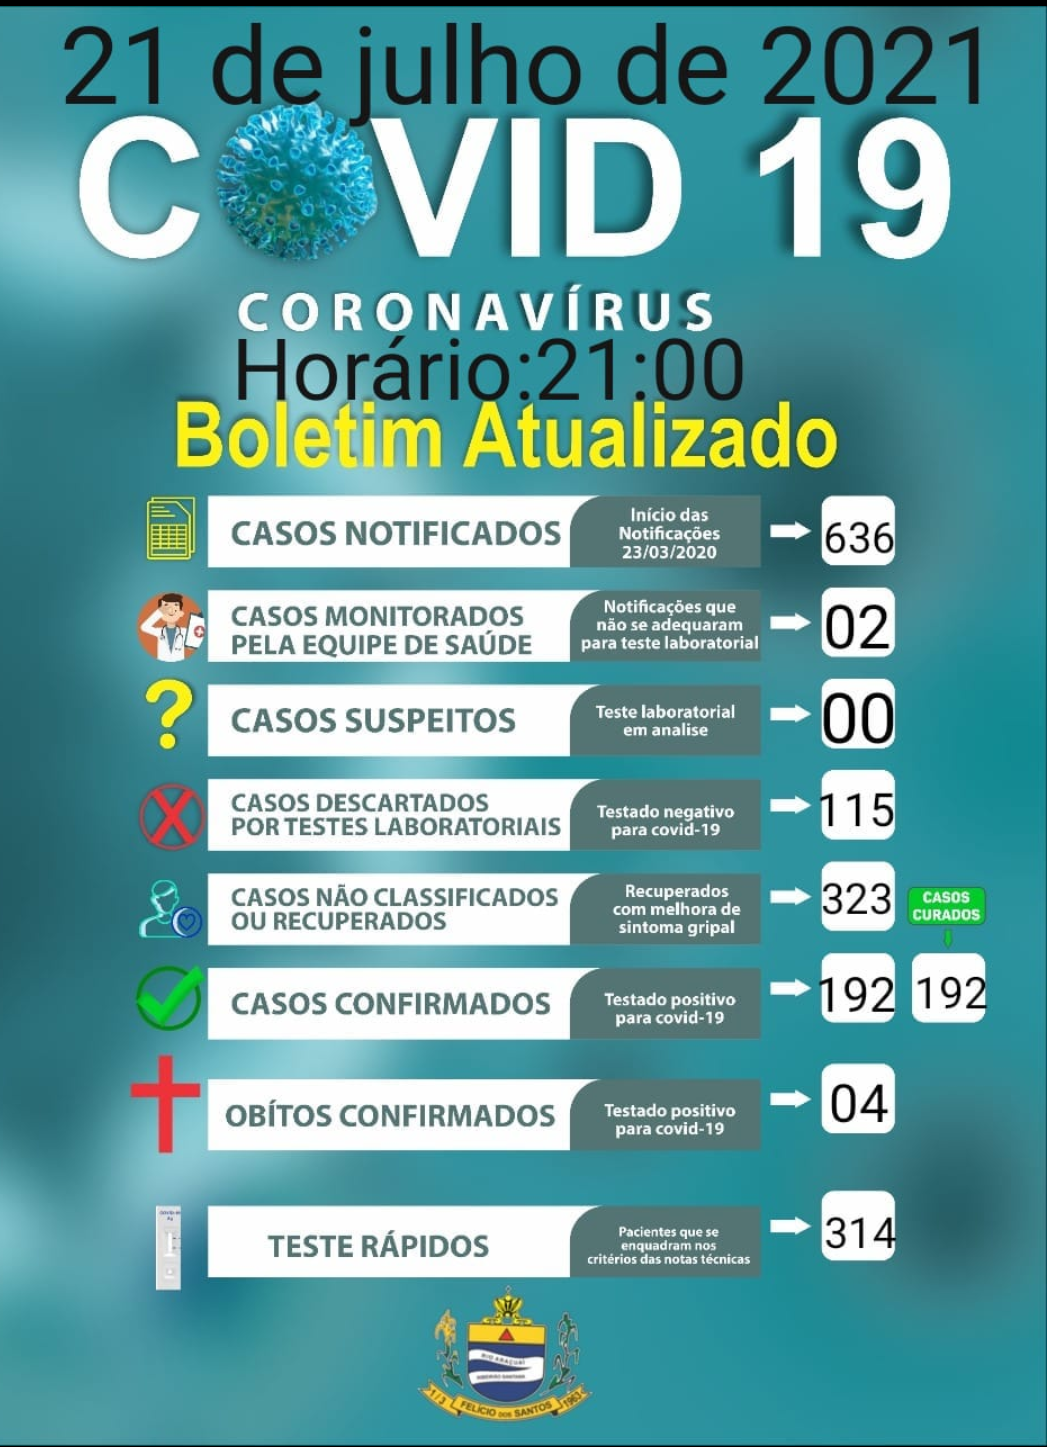 Boletim covid-19,21 de julho de 2021